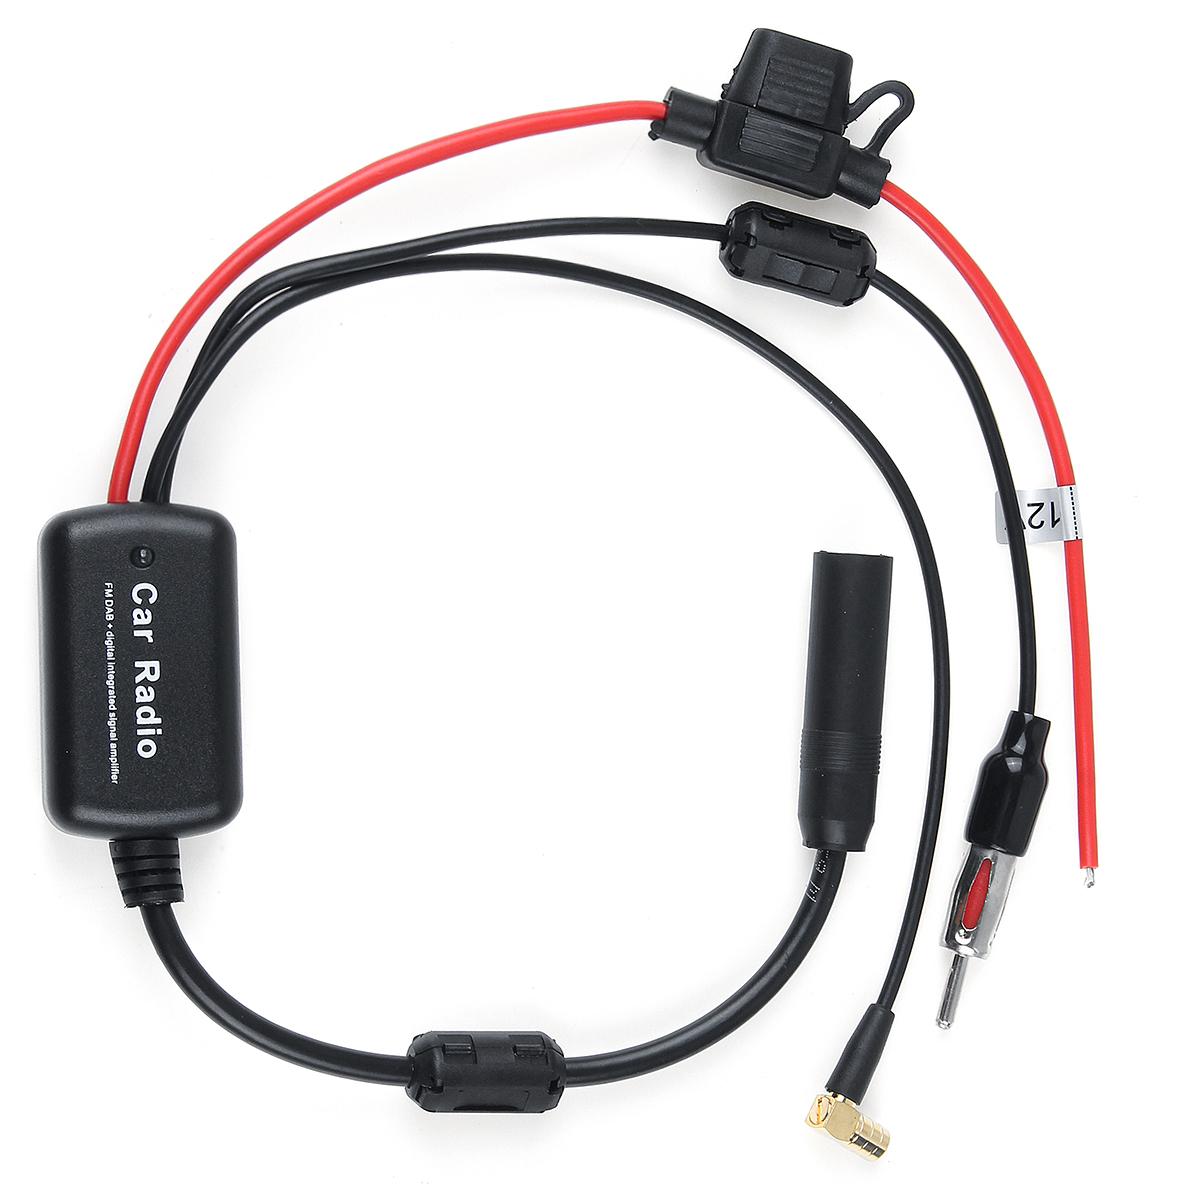 Универсальный кабель DAB + FM Авто Антенна Разветвитель антенны Цифровой Радио Усилитель - фото 1